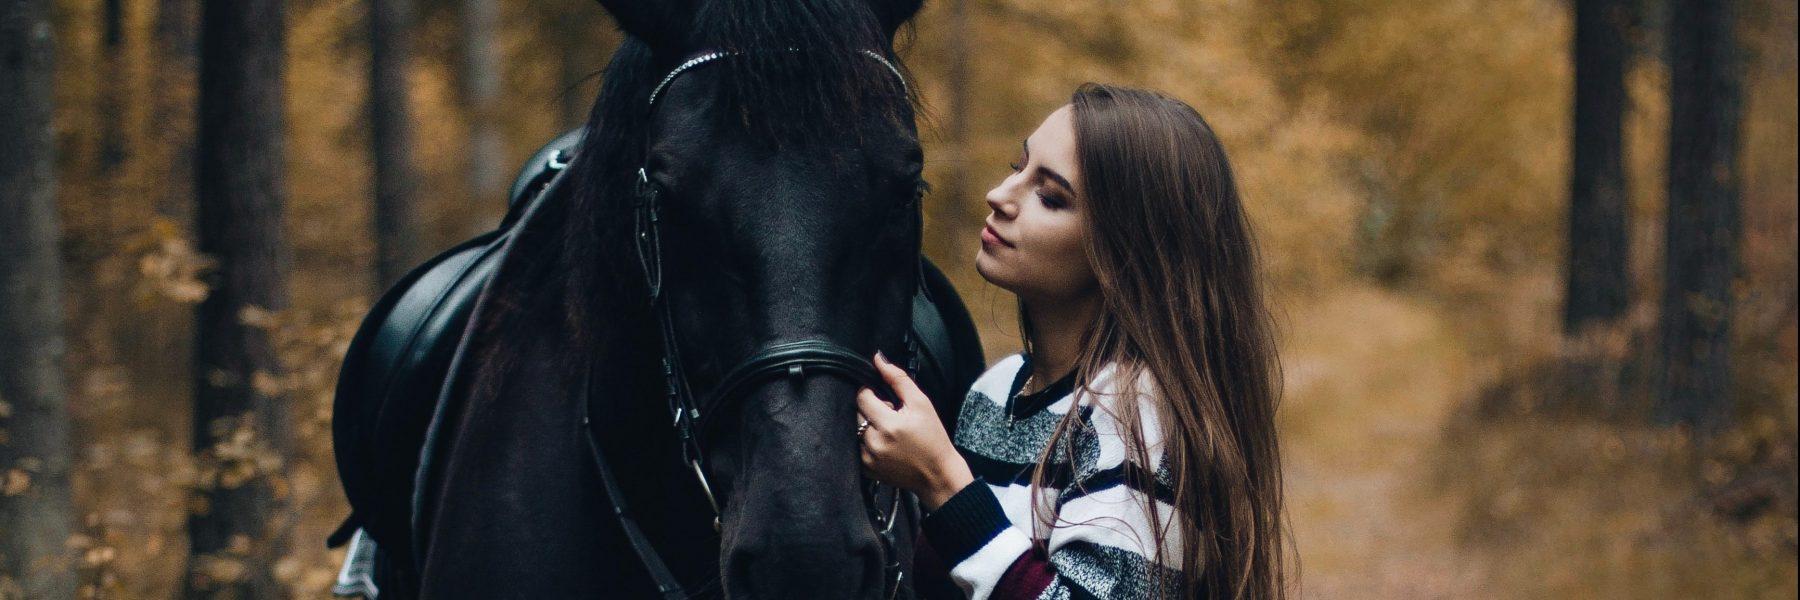 Rencontrer une femme qui aime les chevaux